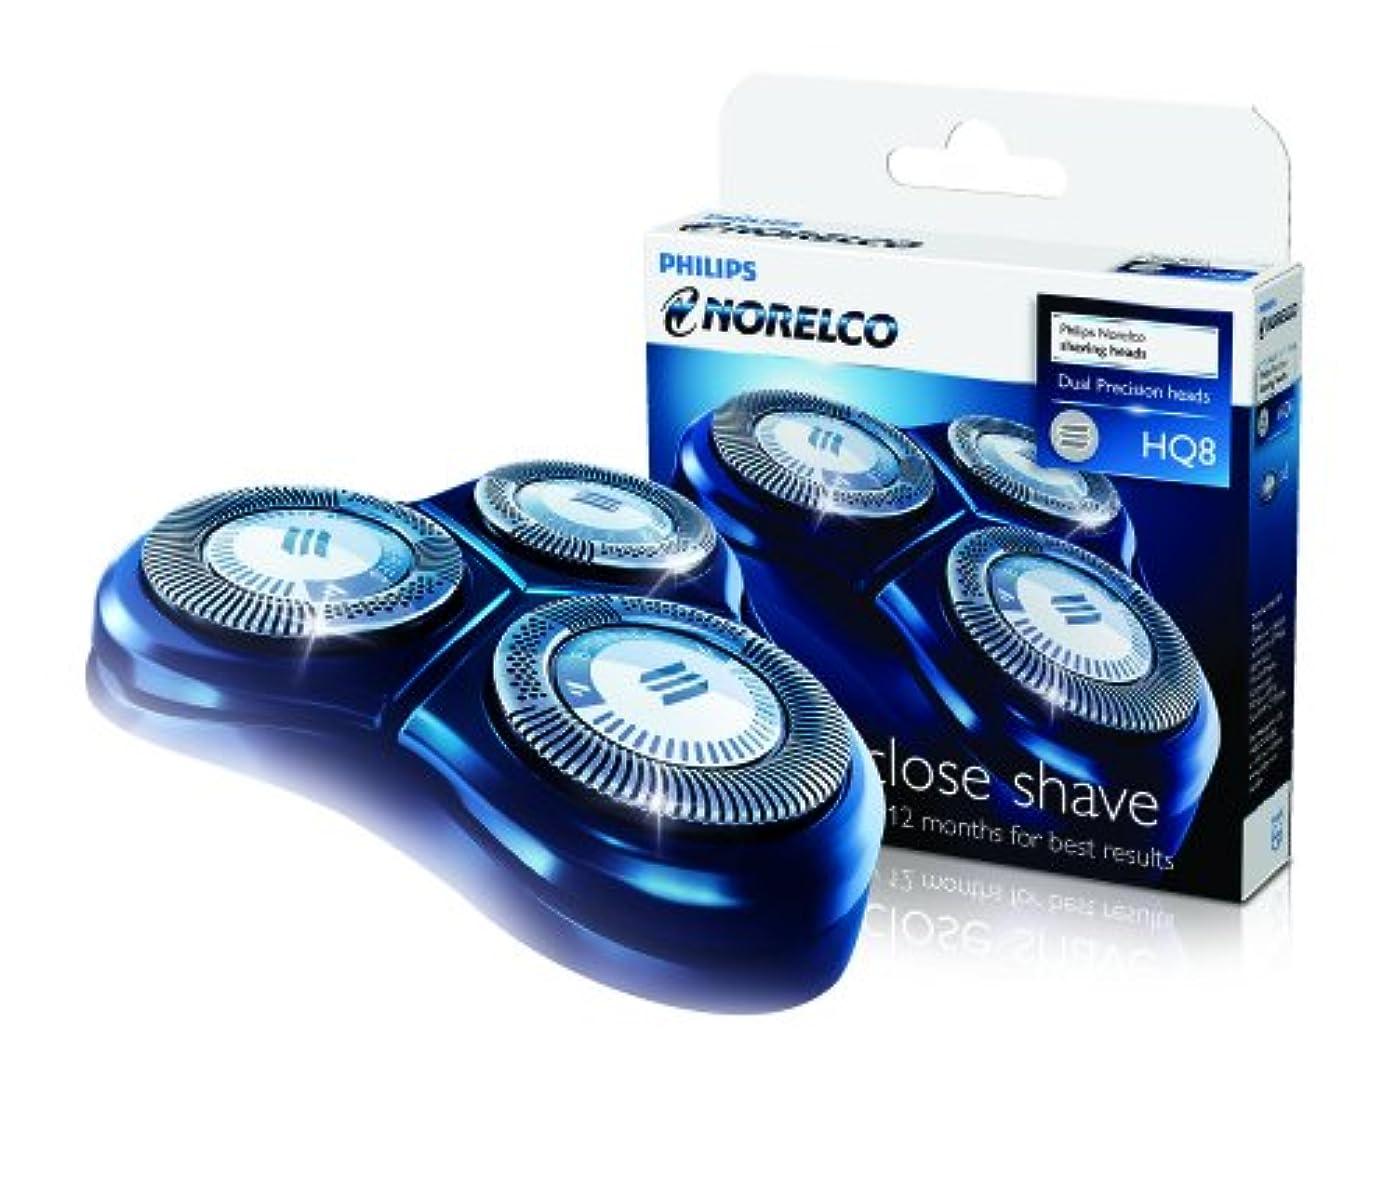 リスク普通の仕えるPhilips Norelco HQ8 Sensotec Spectra (3 Pack) For Use With Philips Shavers: 7100 Series, 7200 Series, 7300 Series, 8400 Series, 8800 Series, shaver heads razor blades cutters and foils replacement shaving head. [並行輸入品]